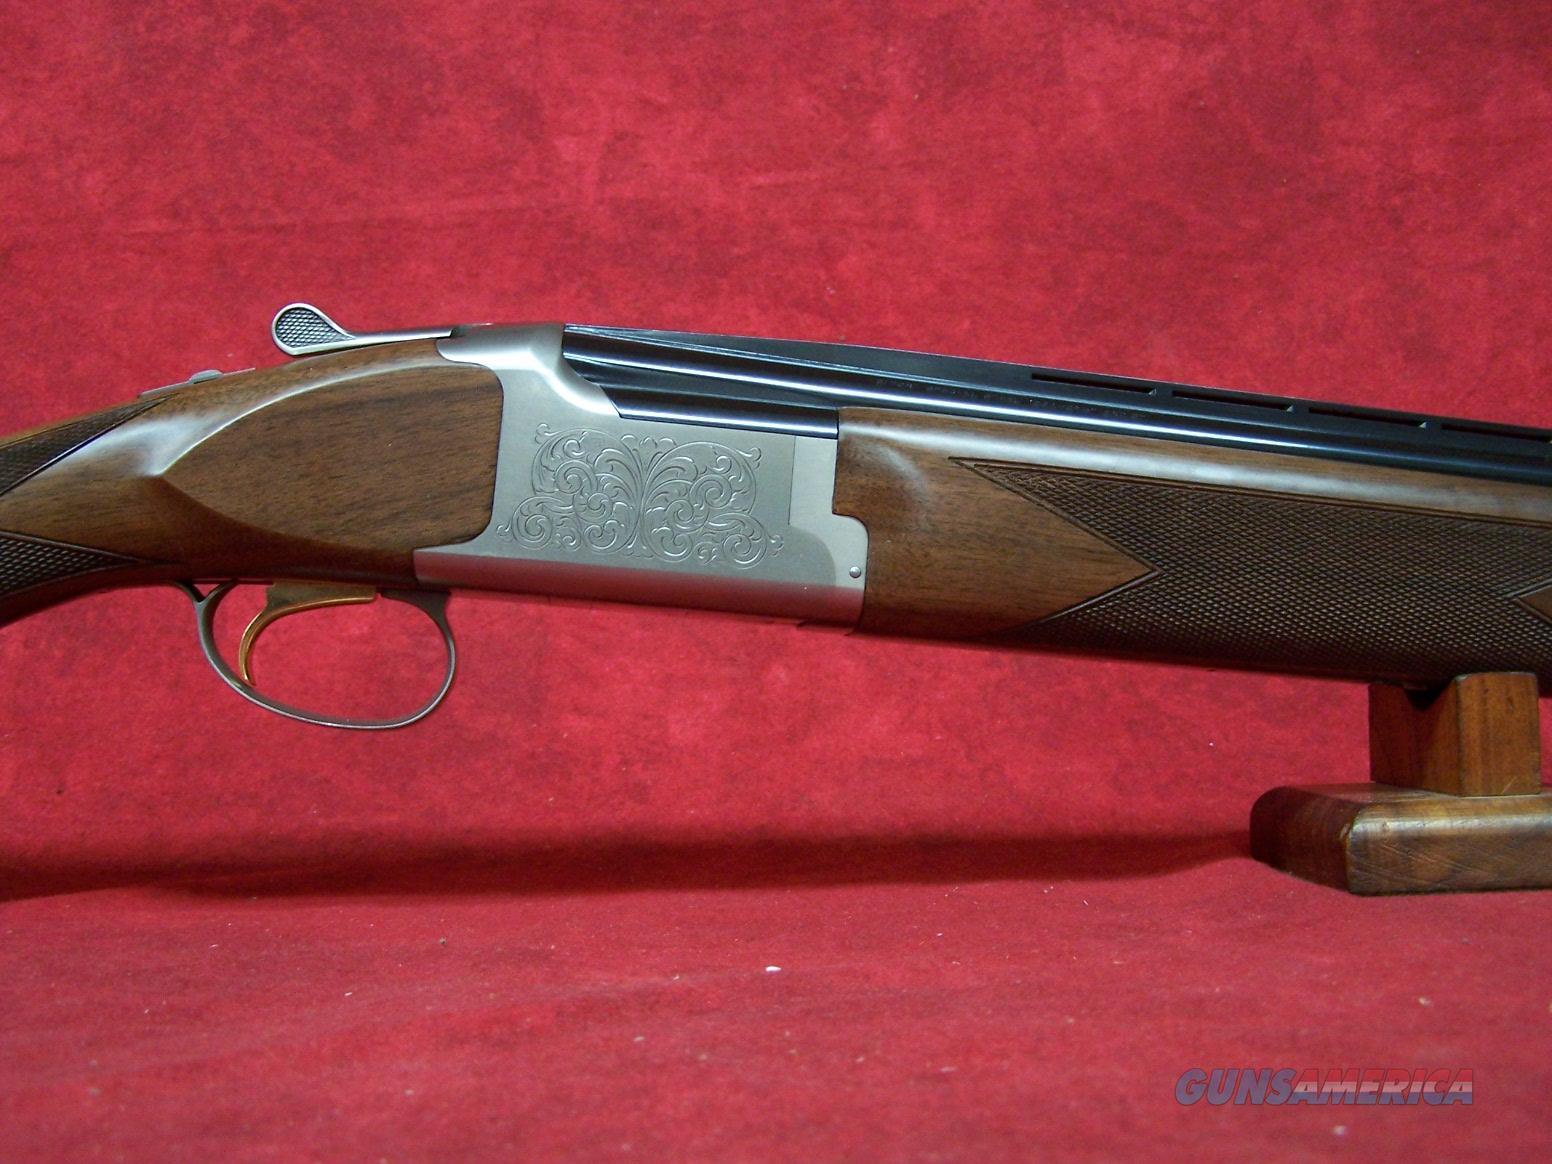 """Browning Citori White Lightning 12ga 3""""  26"""" Barrel (013184305)  Guns > Shotguns > Browning Shotguns > Over Unders > Citori > Hunting"""